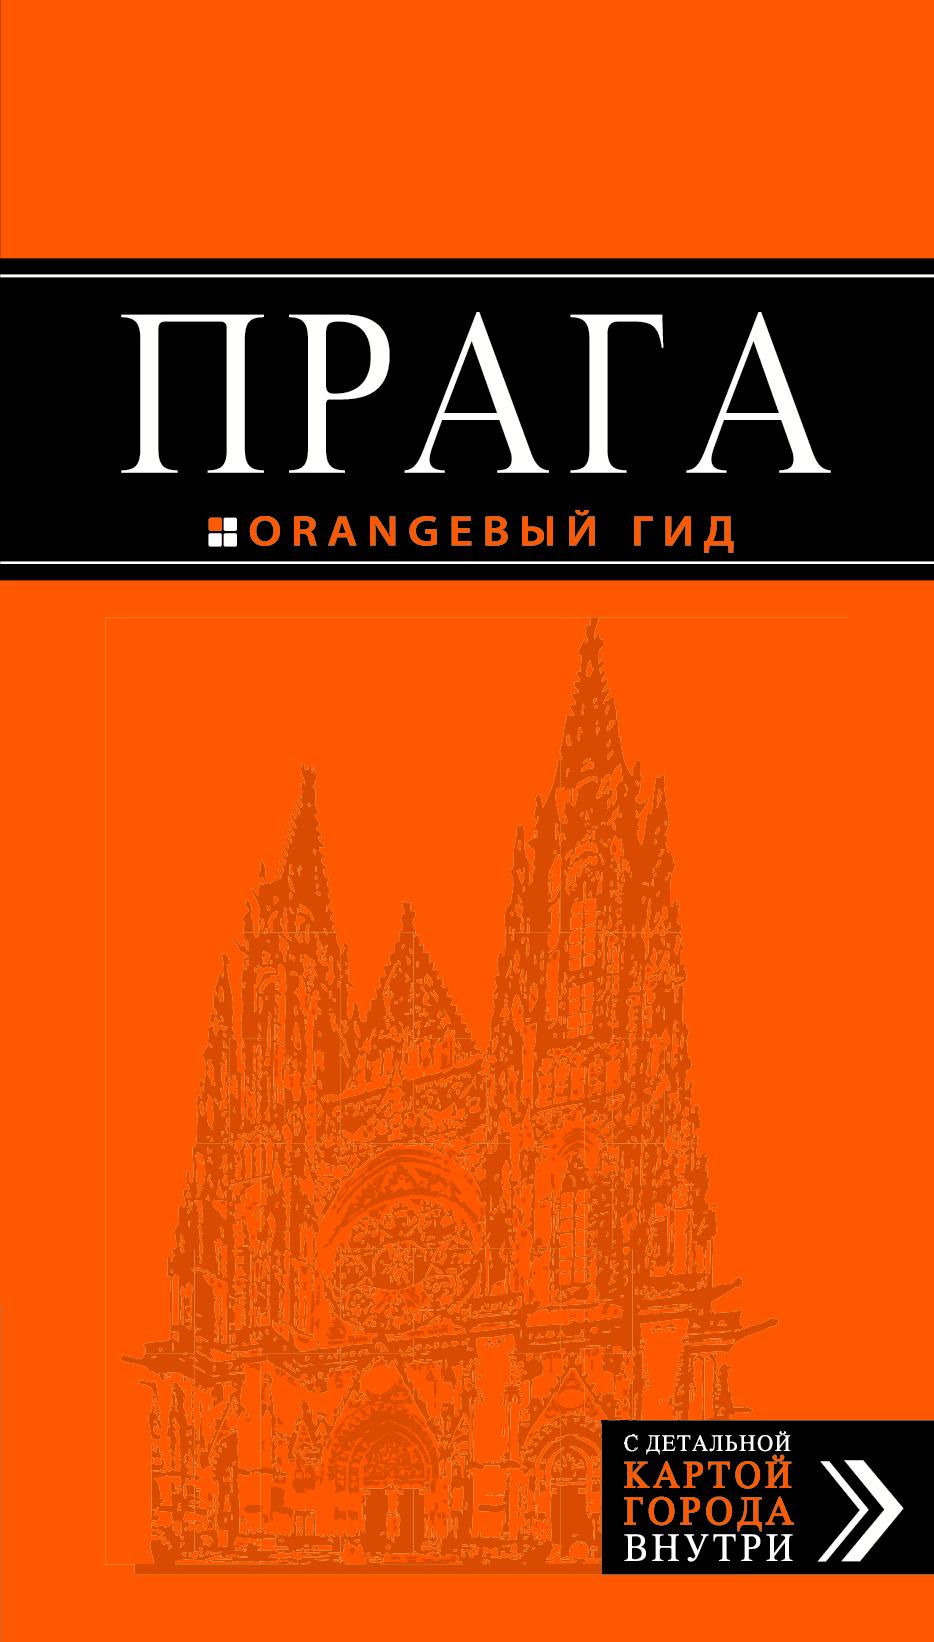 Яровинская Т. Прага: путеводитель + карта. 5-е изд., испр. и доп. прогулки по праге